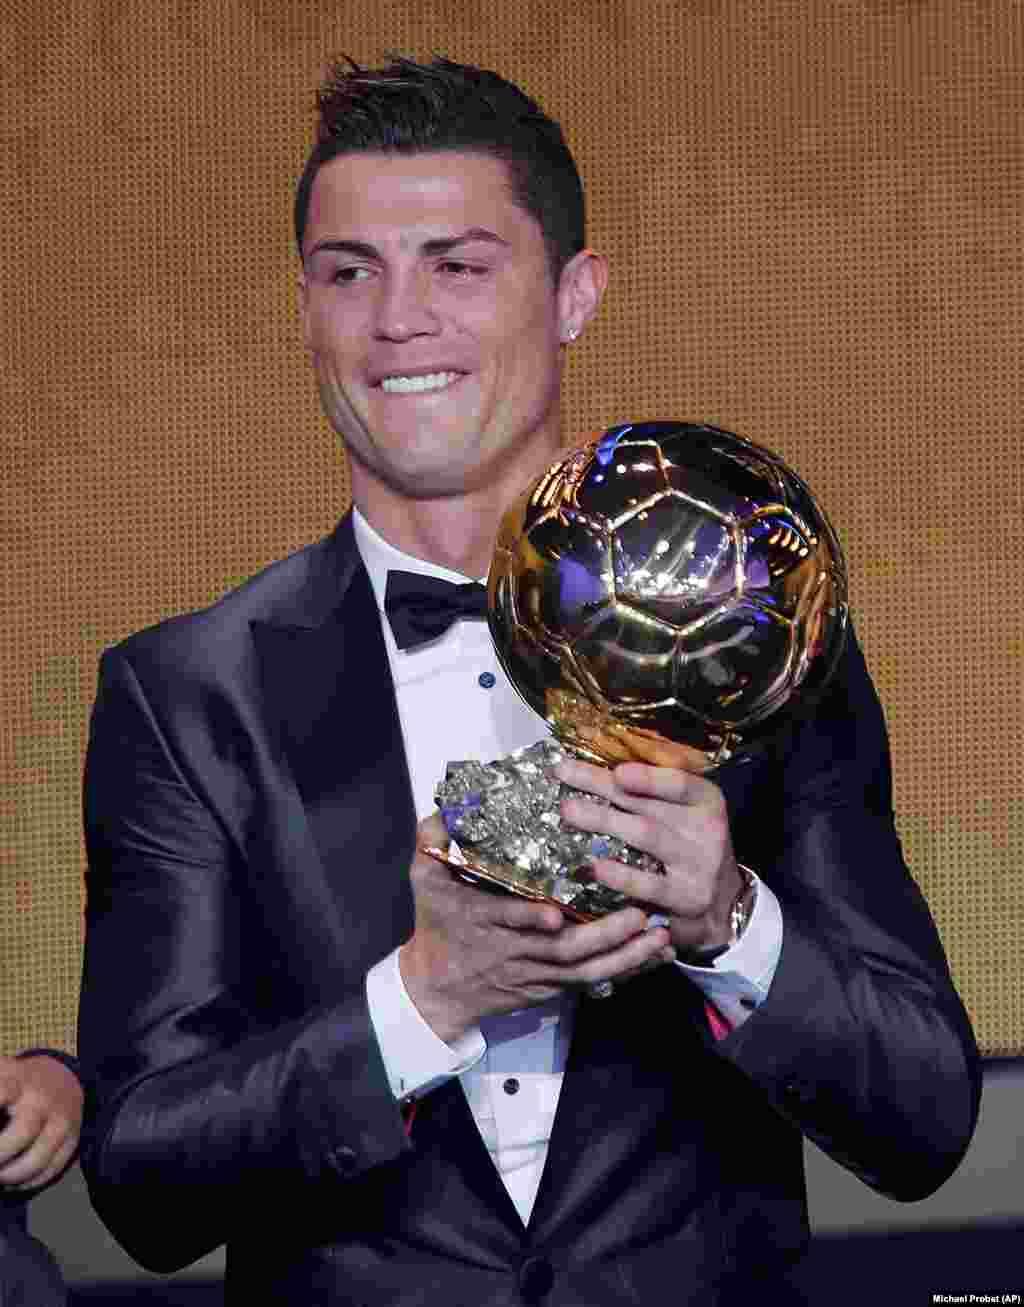 Cristiano Ronaldo, jogador português do Real Madrid, vencedor da Bola de Ouro 2013. Gala FIFA Bola de Ouro 2013 em Zurique, Suíça. Jan. 13, 2014